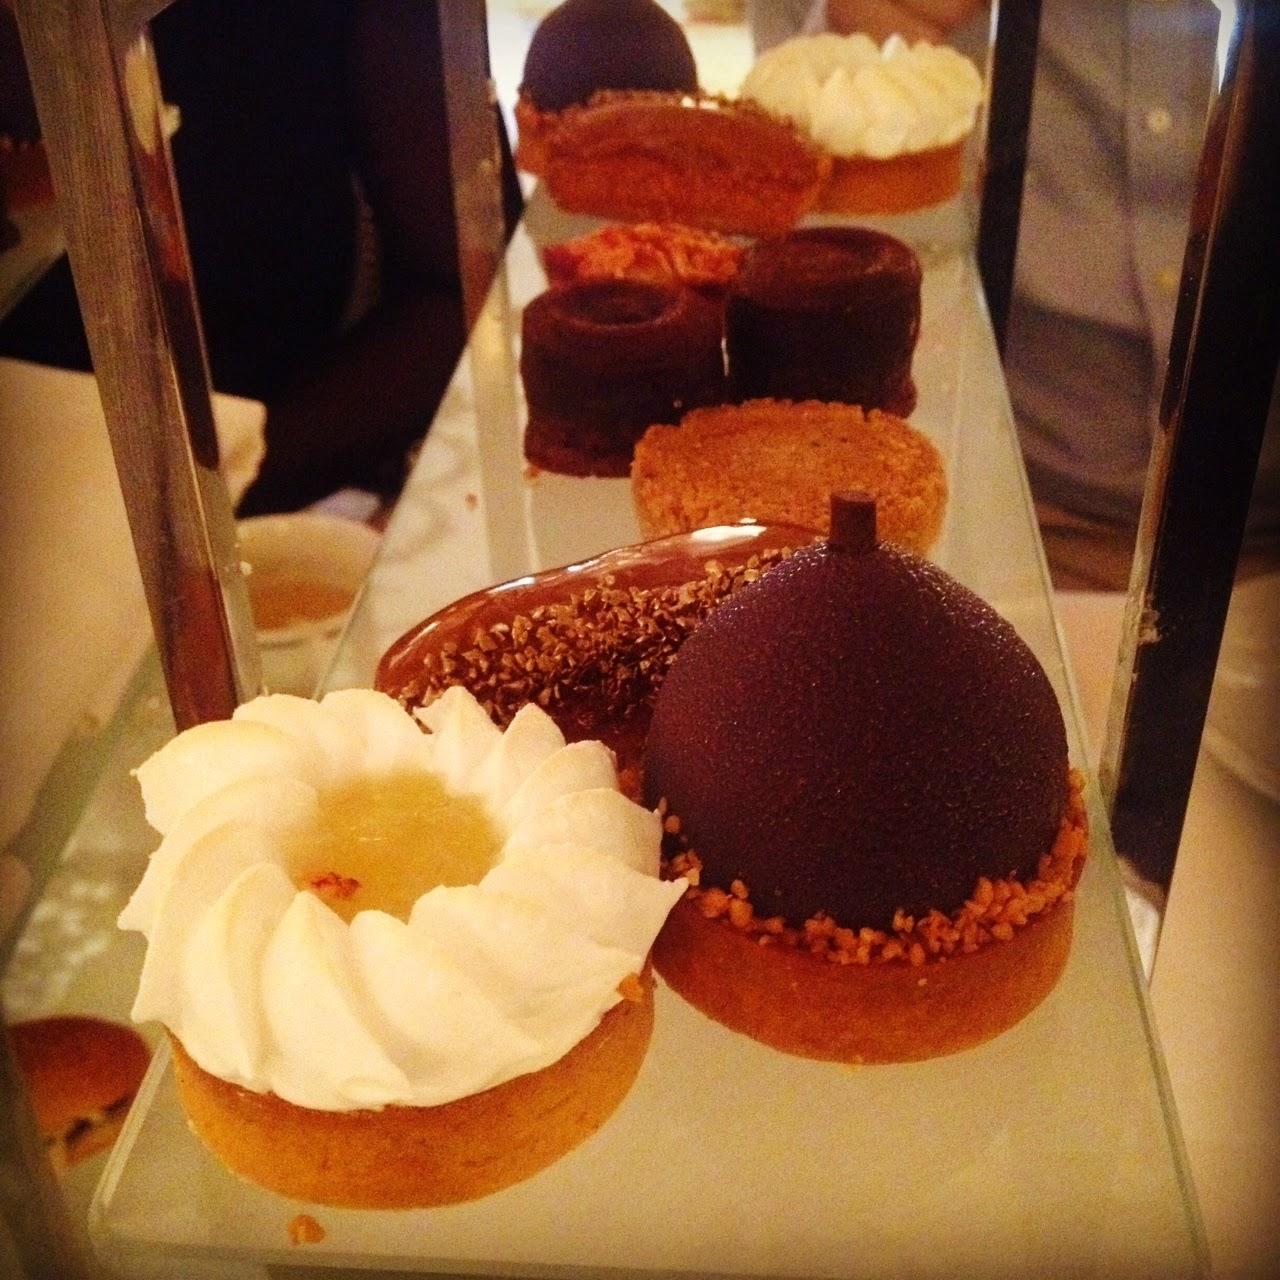 Tea time desserts at Le Dali